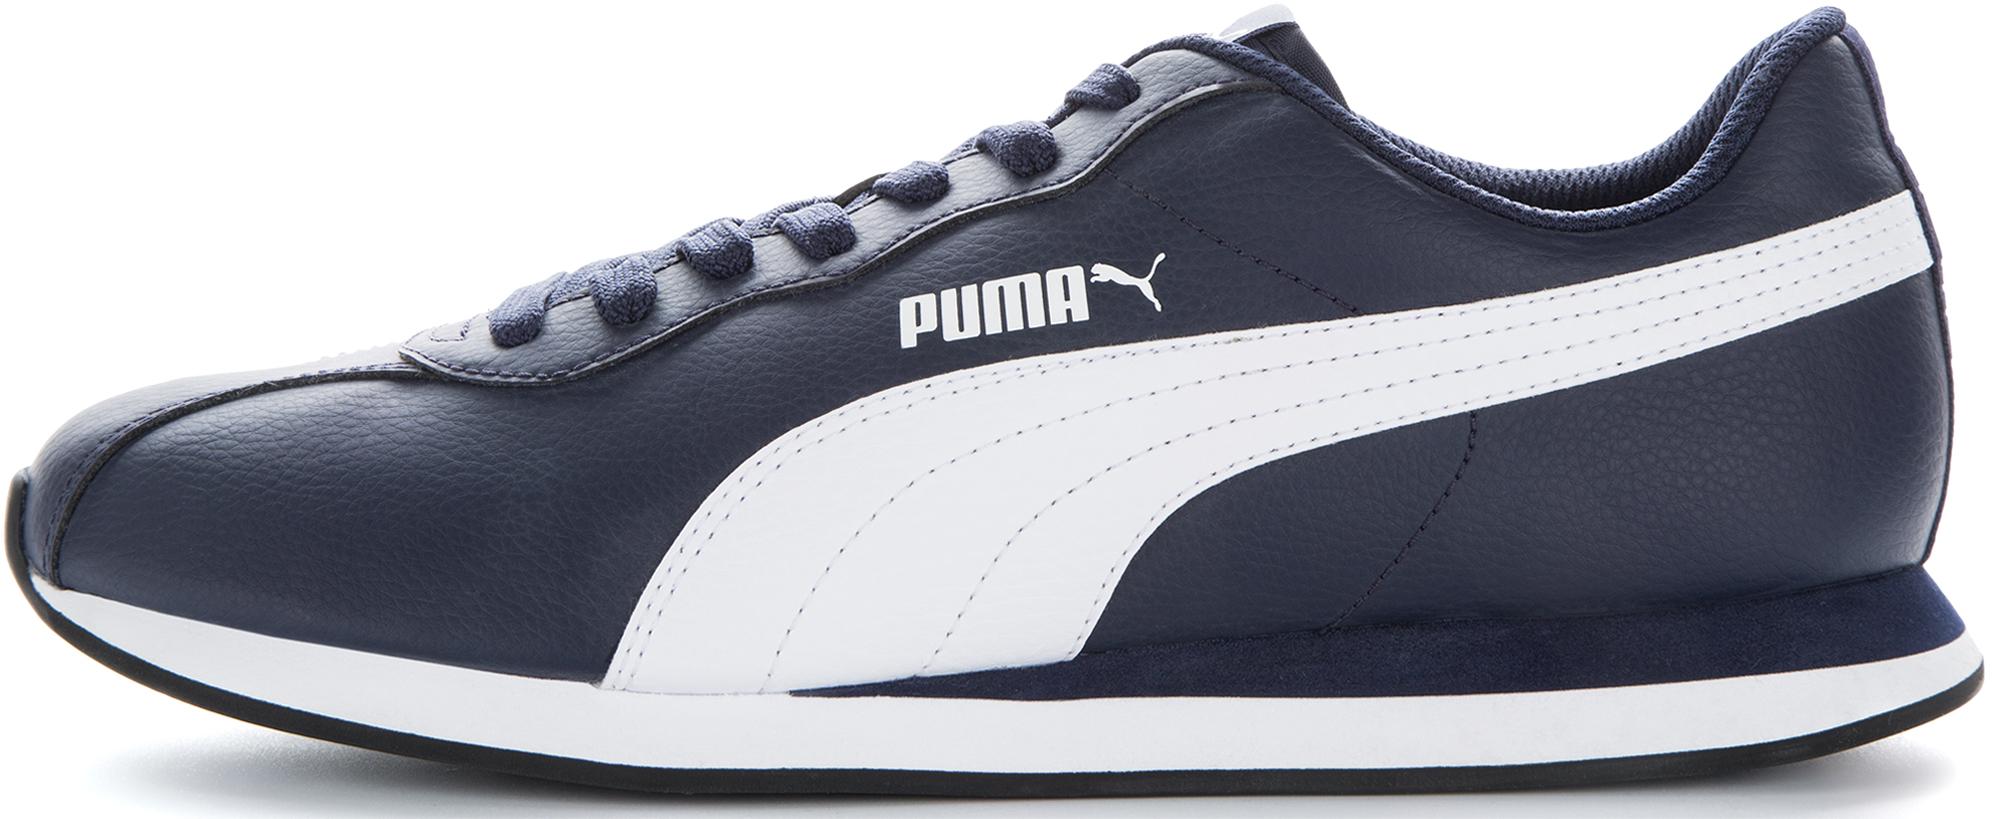 Фото - Puma Кроссовки мужские Puma Turin II, размер 41.5 puma кроссовки мужские puma bmw mms roma размер 43 5